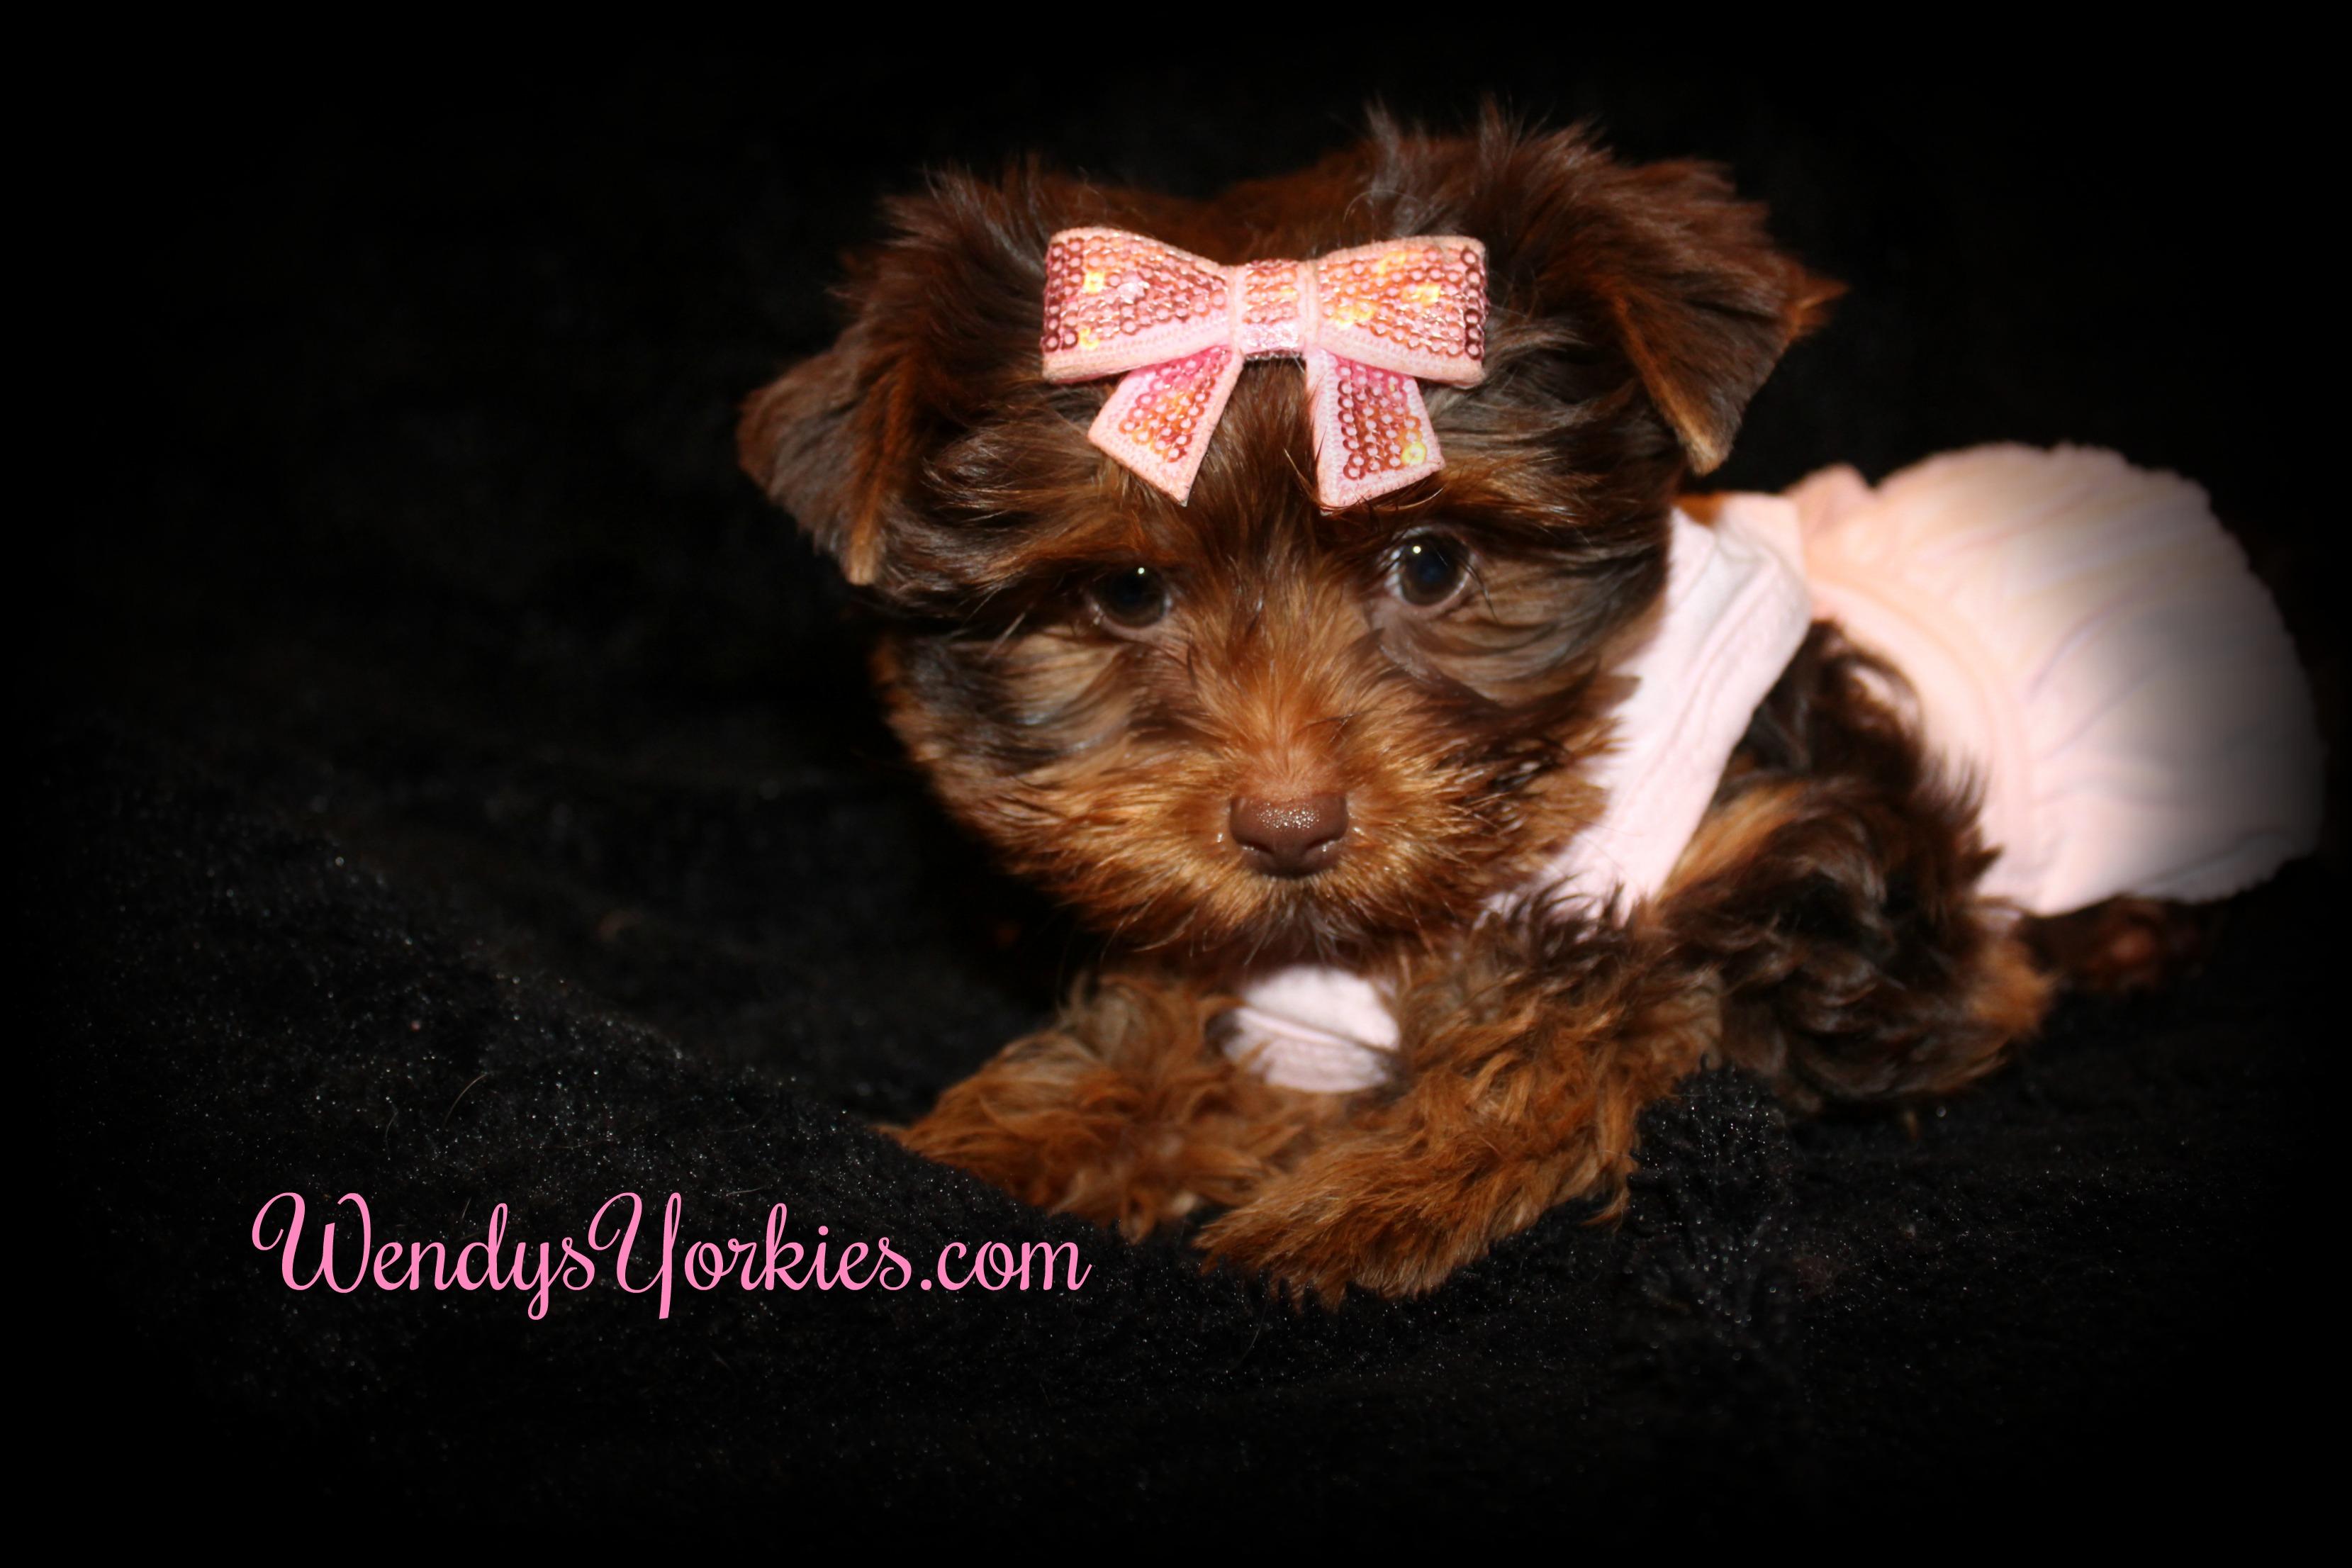 Chocolate Yorkie puppies for sale in Texas, WendysYorkies.com, Lela Cf1